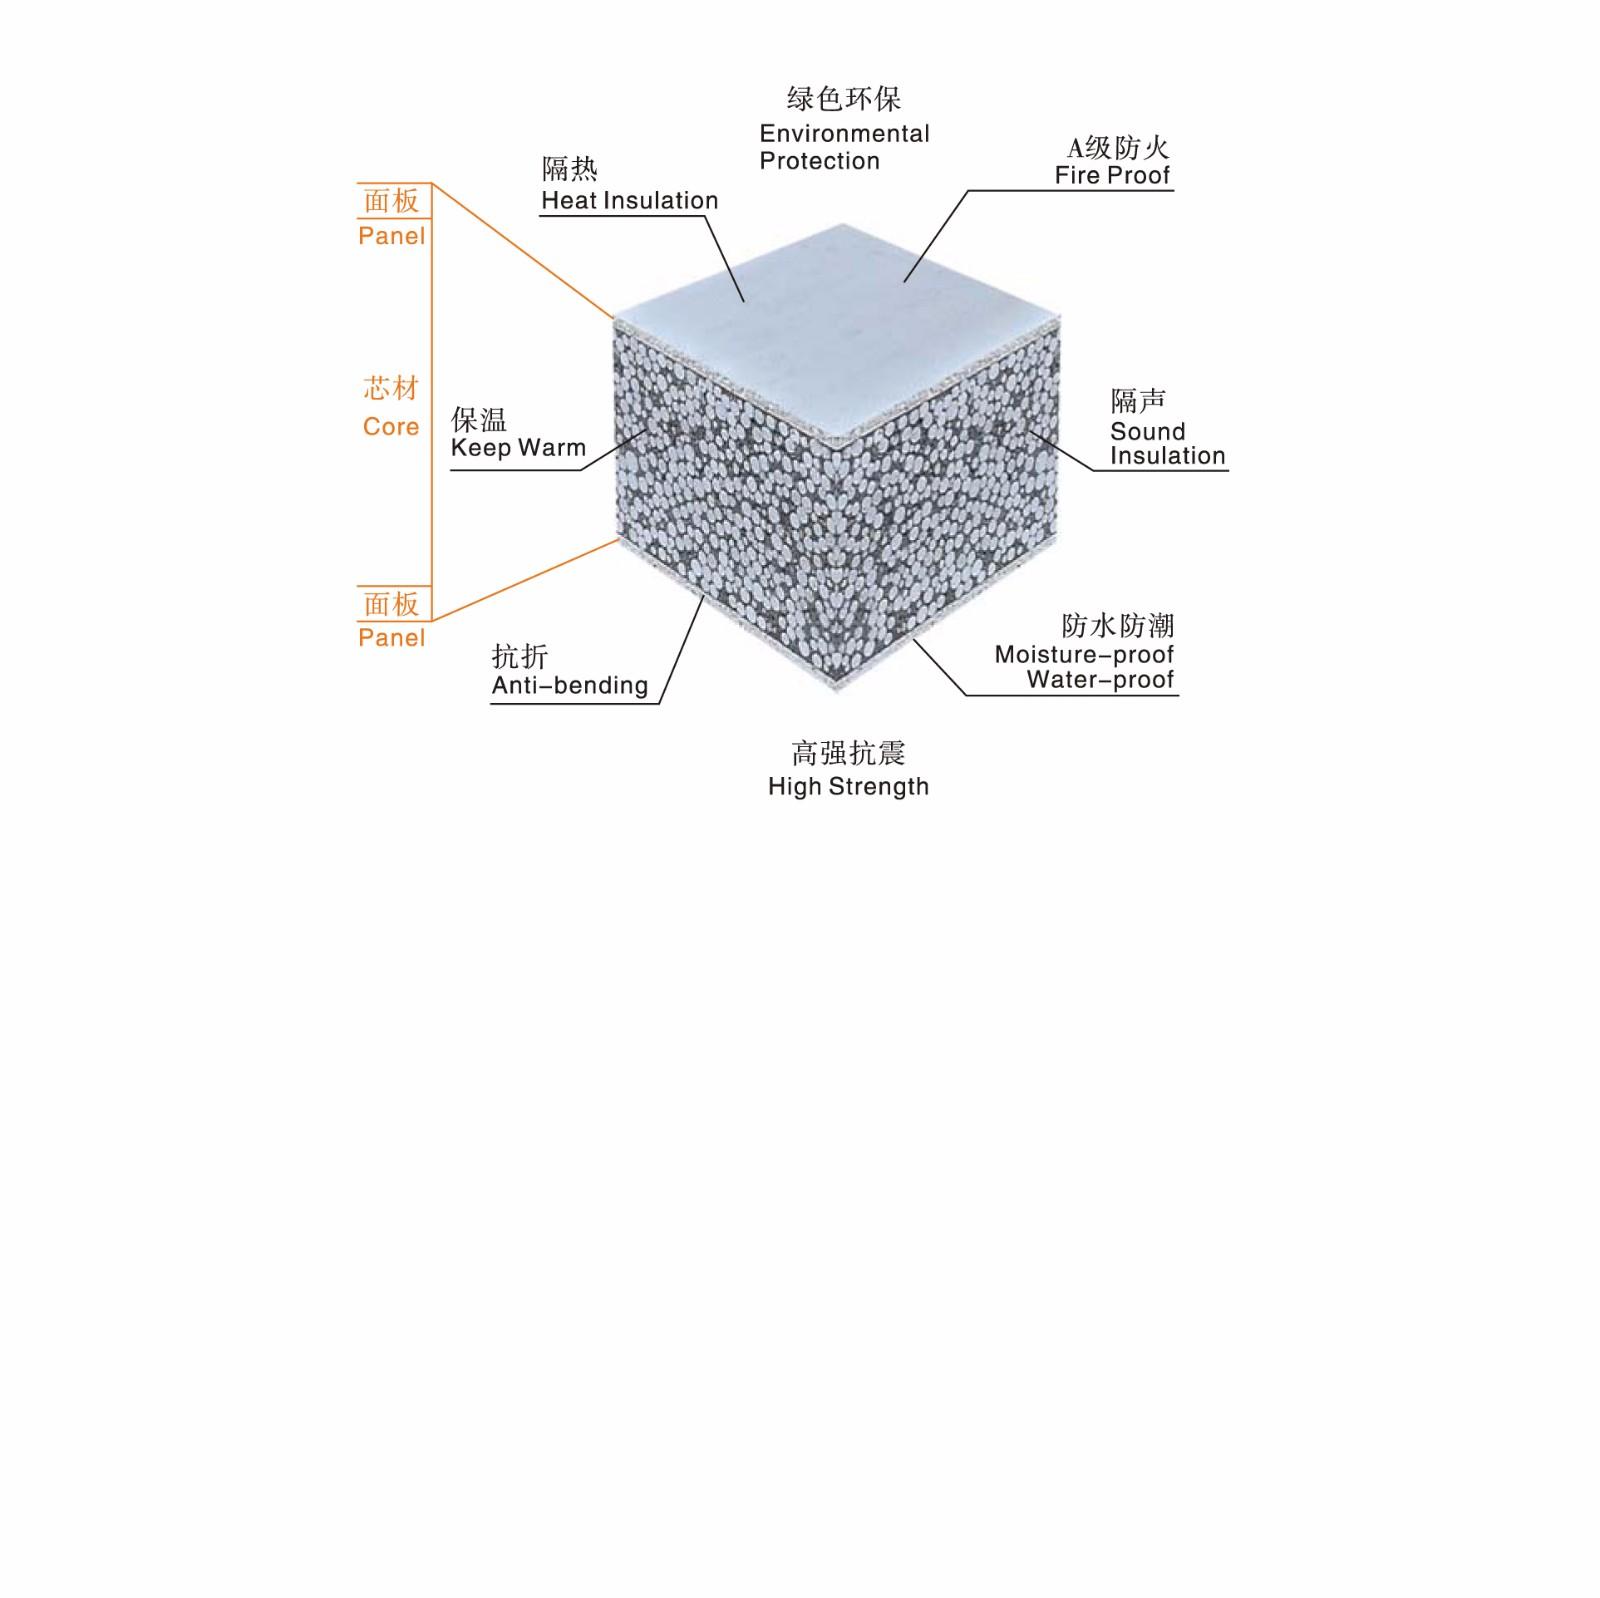 墙板材料结构图.jpg